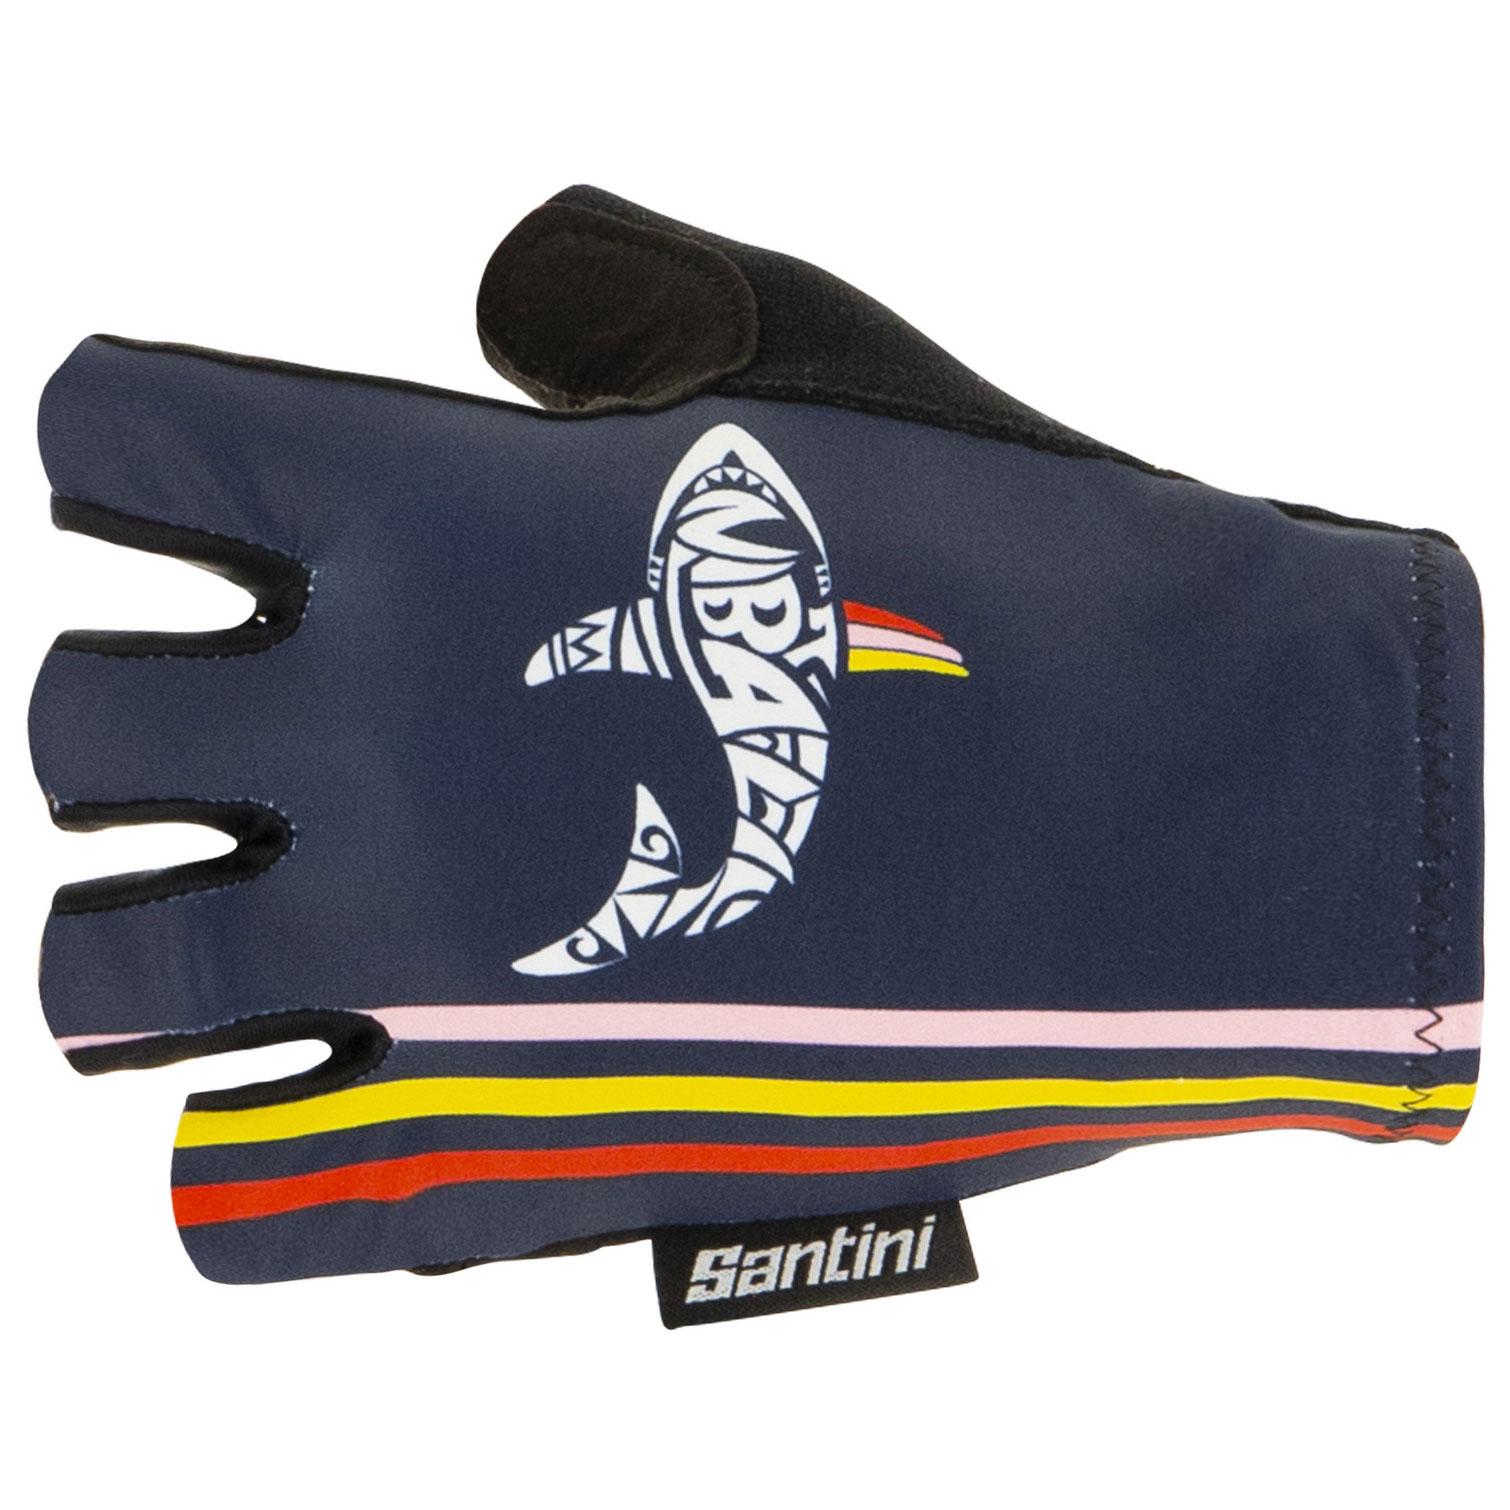 santini-vincenzo-nibali-gloves-trek-segafredo-1-835718.jpg